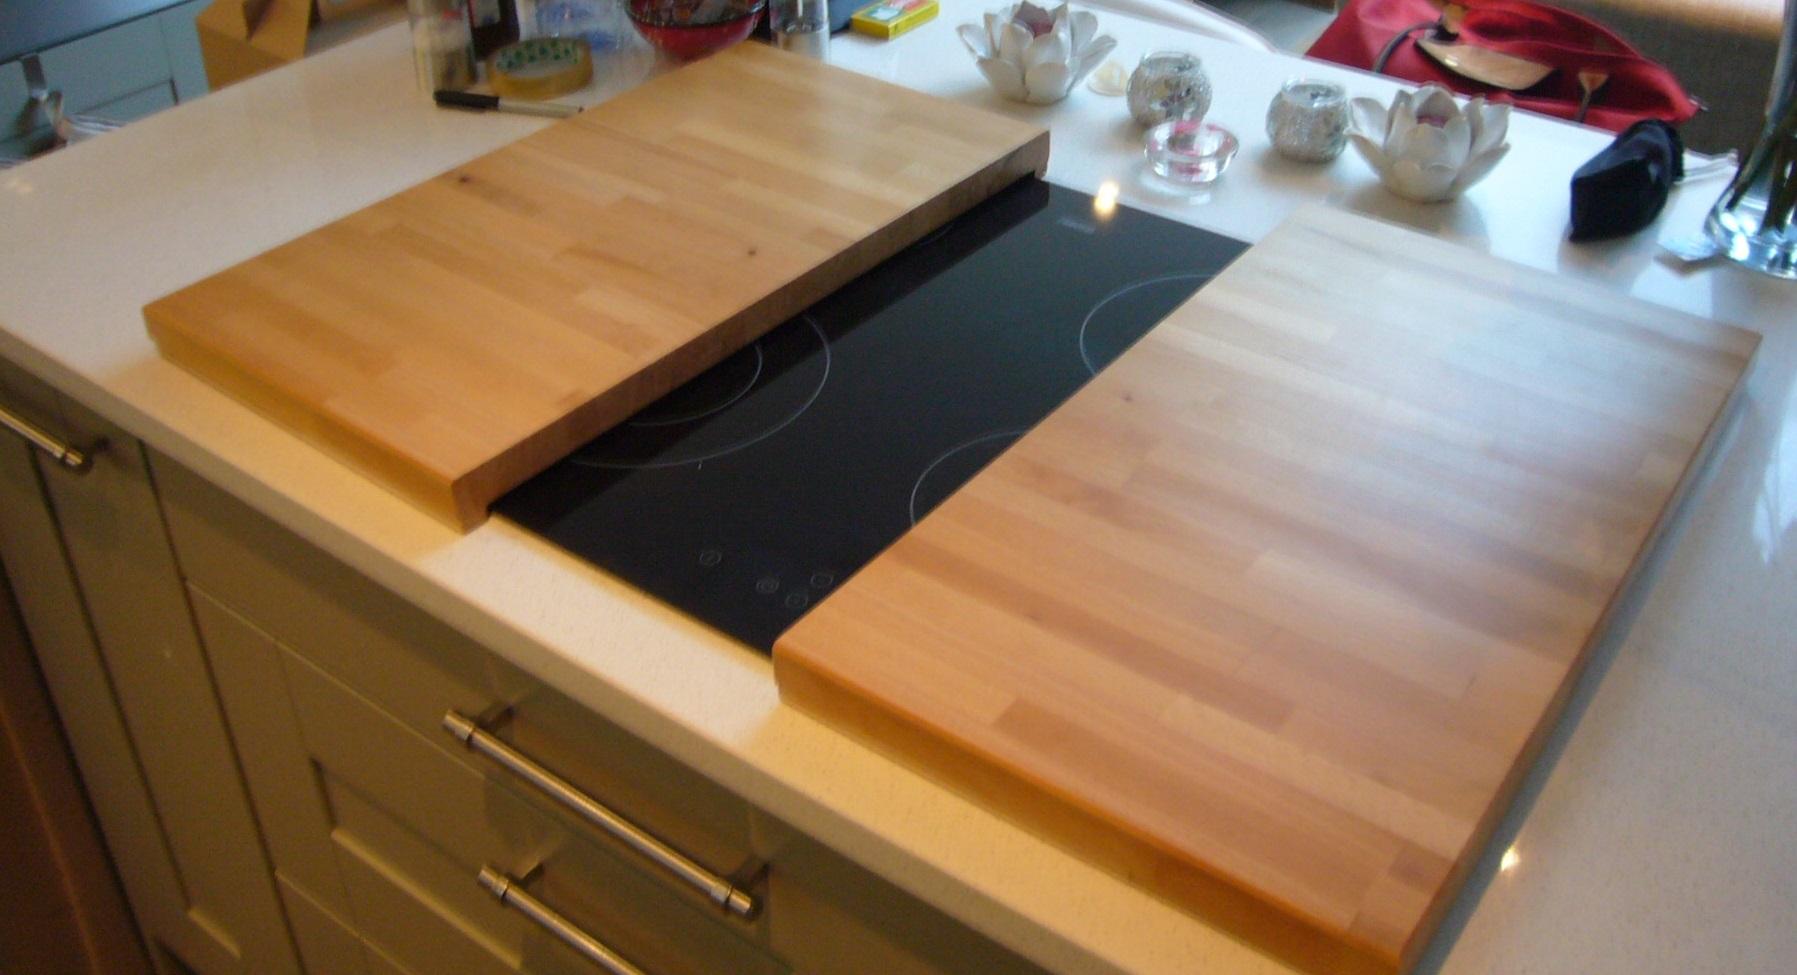 Chopping Board Hob Cover Jms Bespoke Space